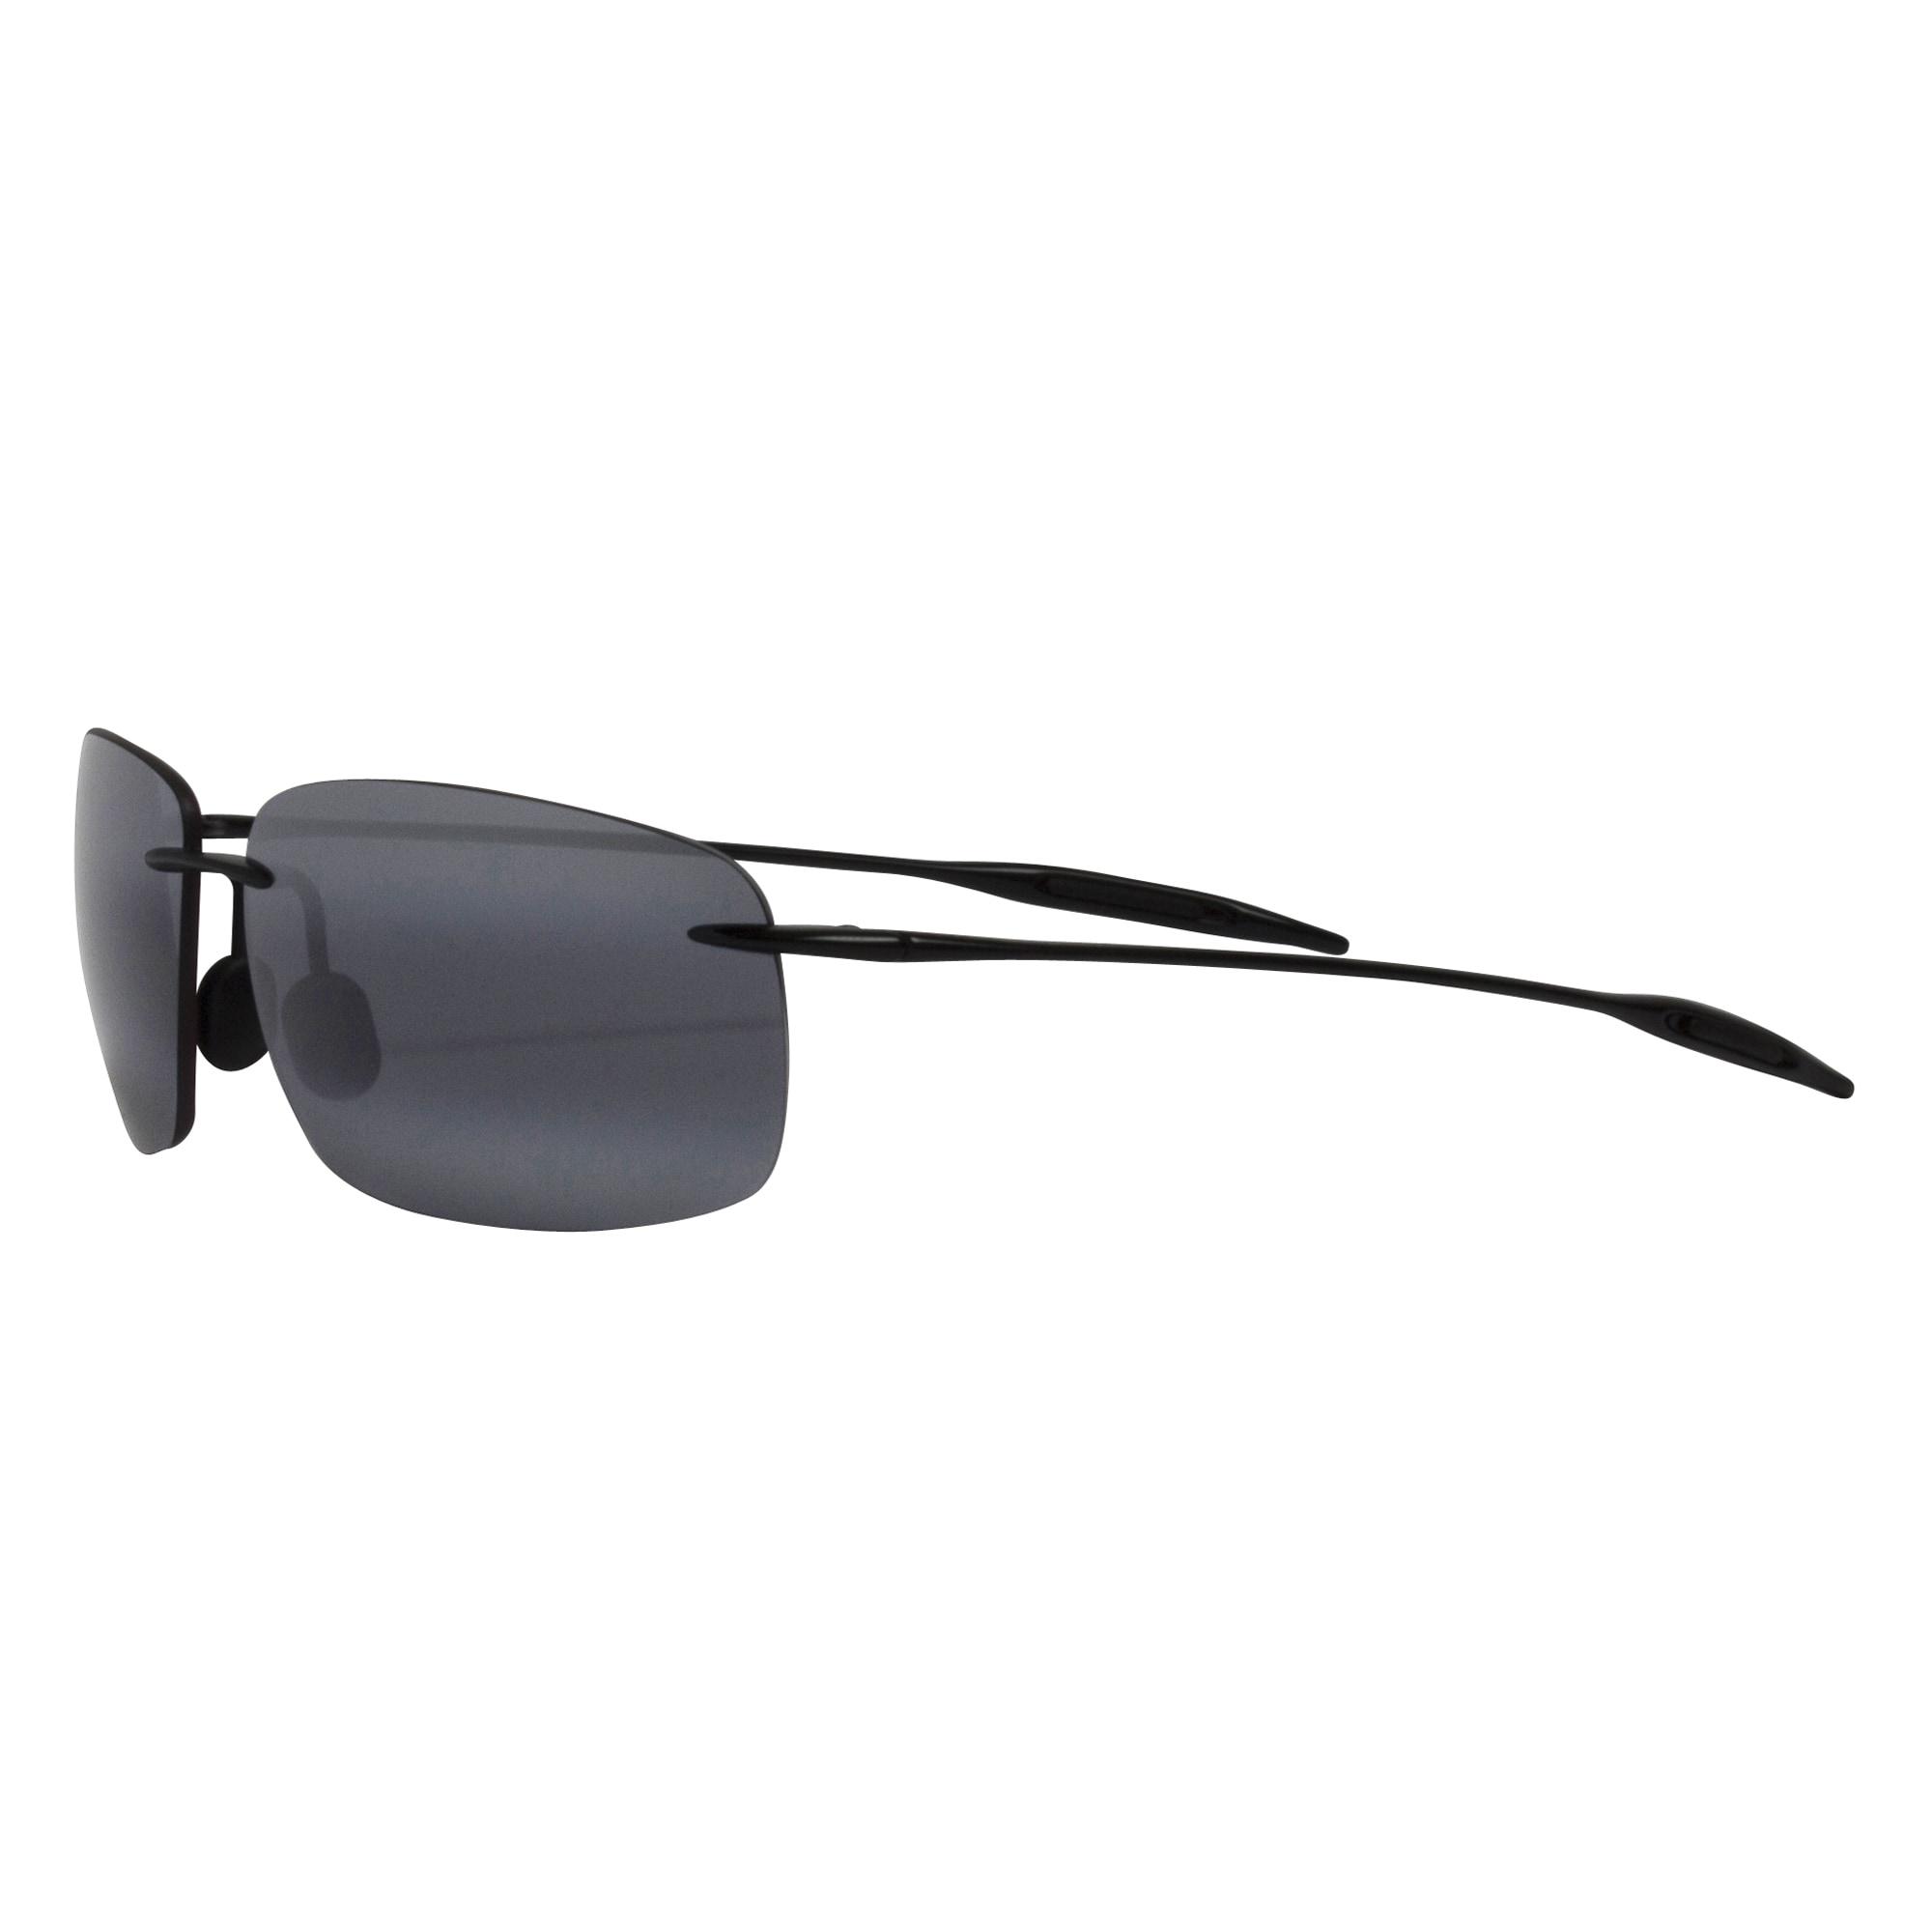 dc024c3325 Maui Jim Unisex  Breakwall 422-02  Black Polarized Square Sunglasses